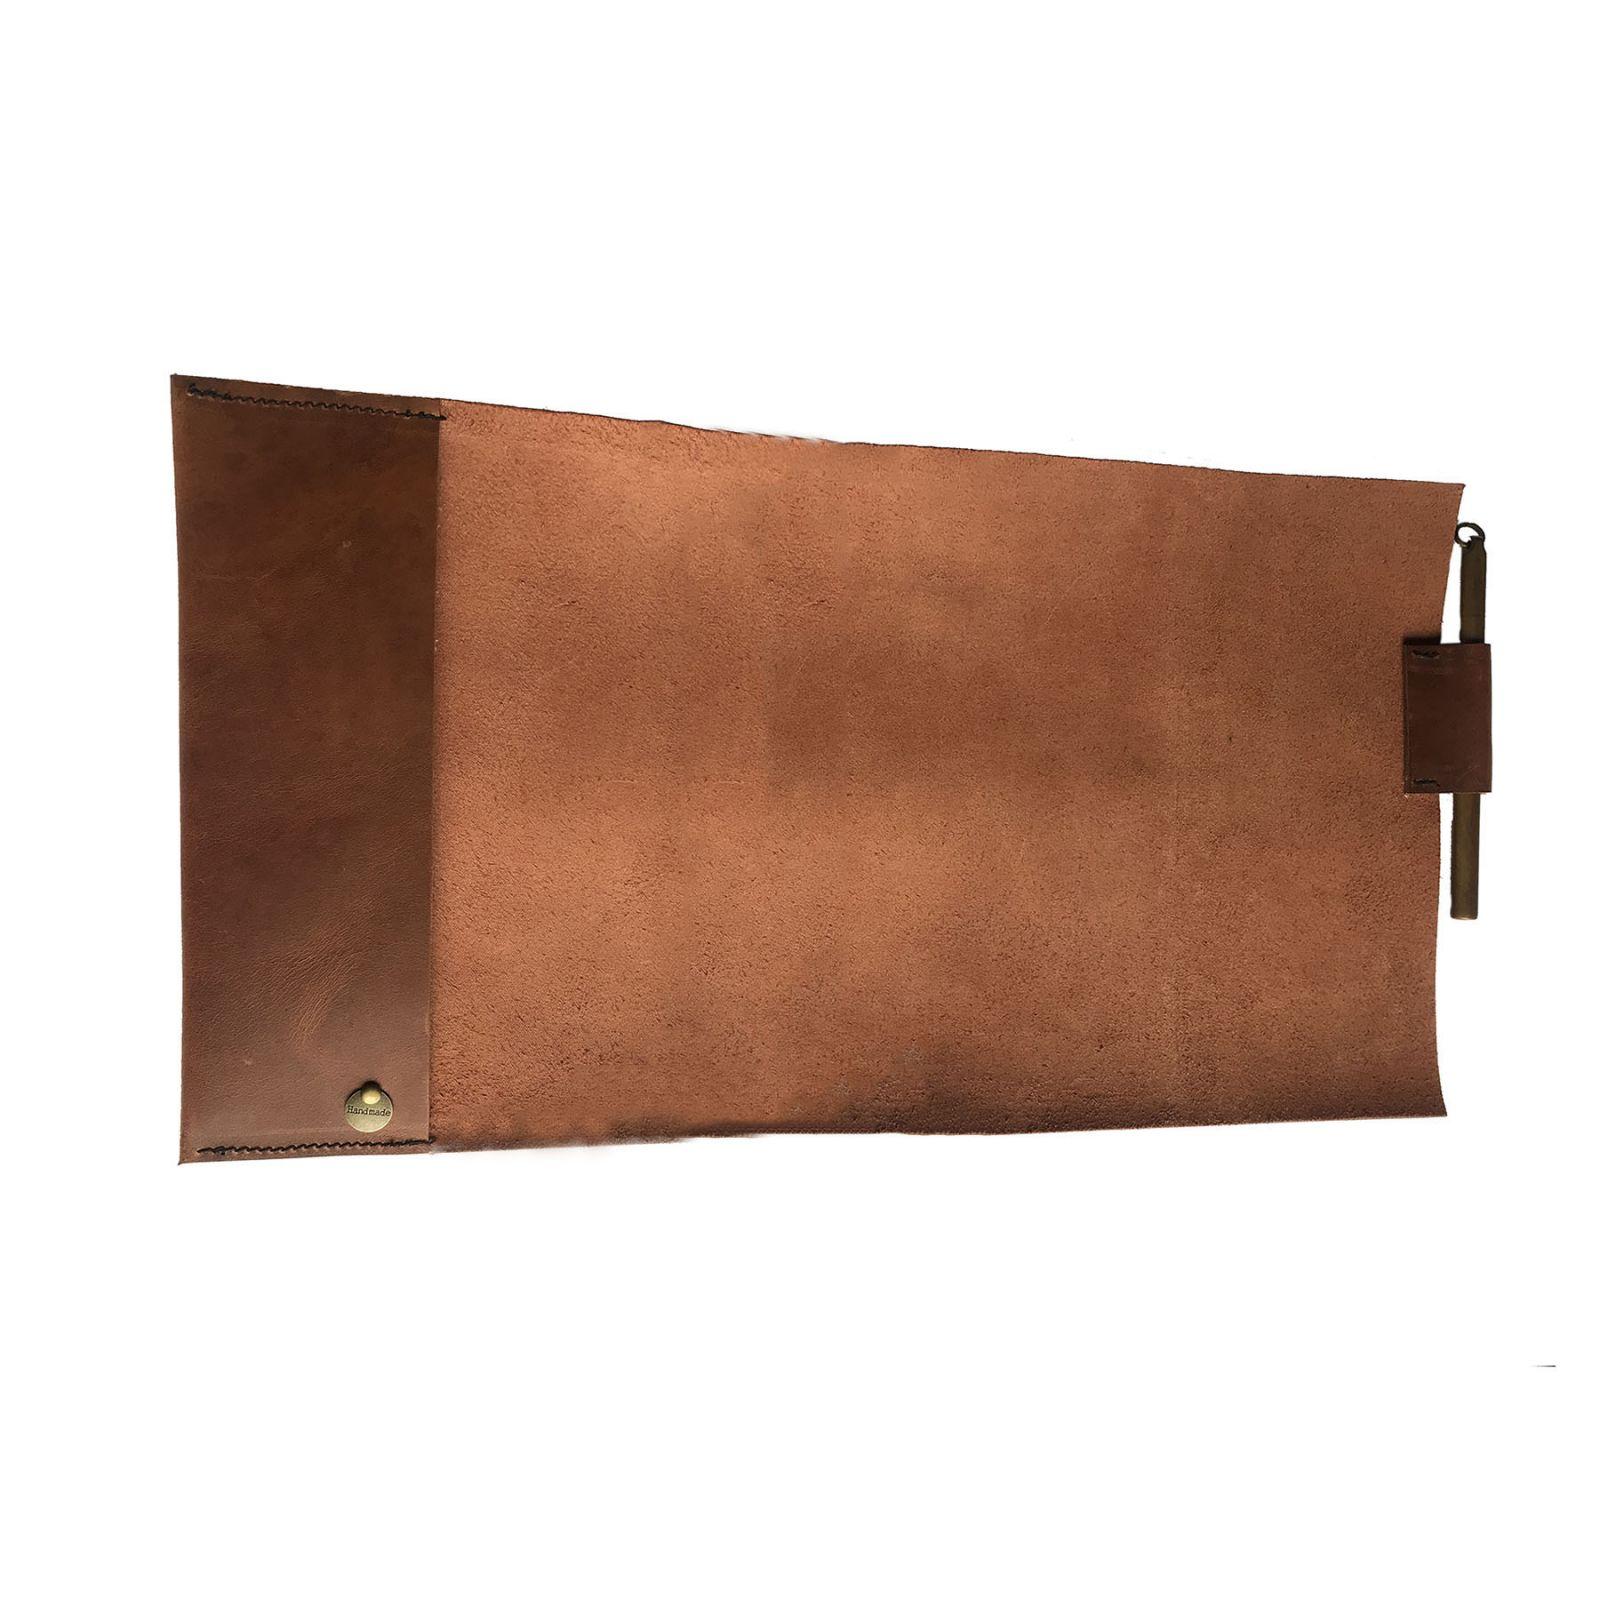 ruda vyriska odine uzrasine odinis dienorastis ranku dabo naturalio odos  vyrams  dovanos vyrui vaikinui broliui gimtadienio proga 12